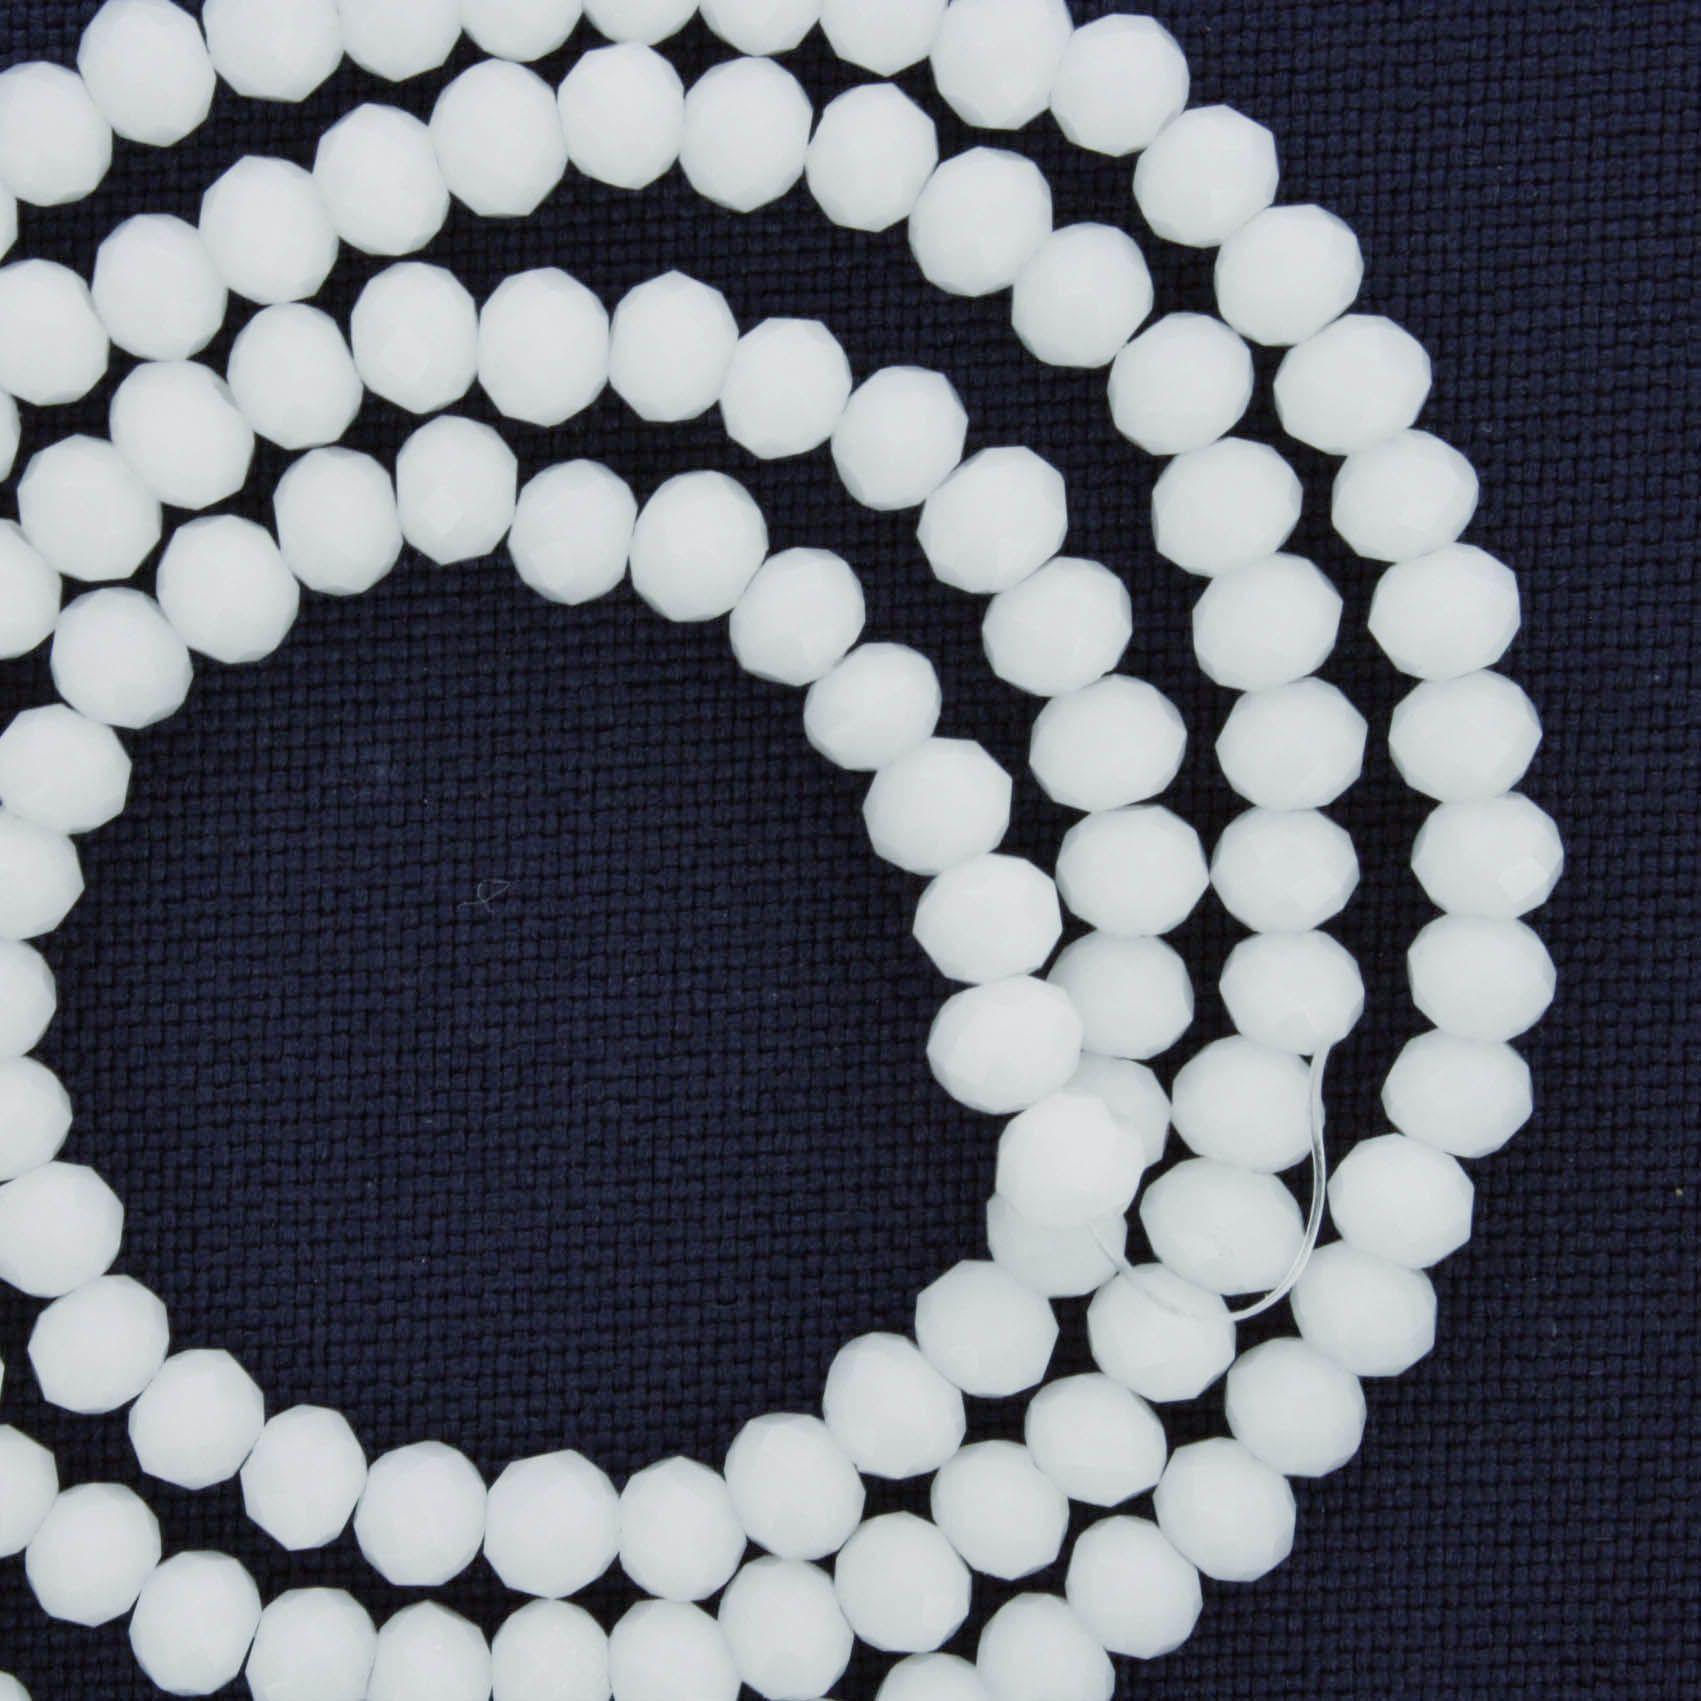 Fio de Cristal - Piatto® - Branco - 4mm  - Universo Religioso® - Artigos de Umbanda e Candomblé